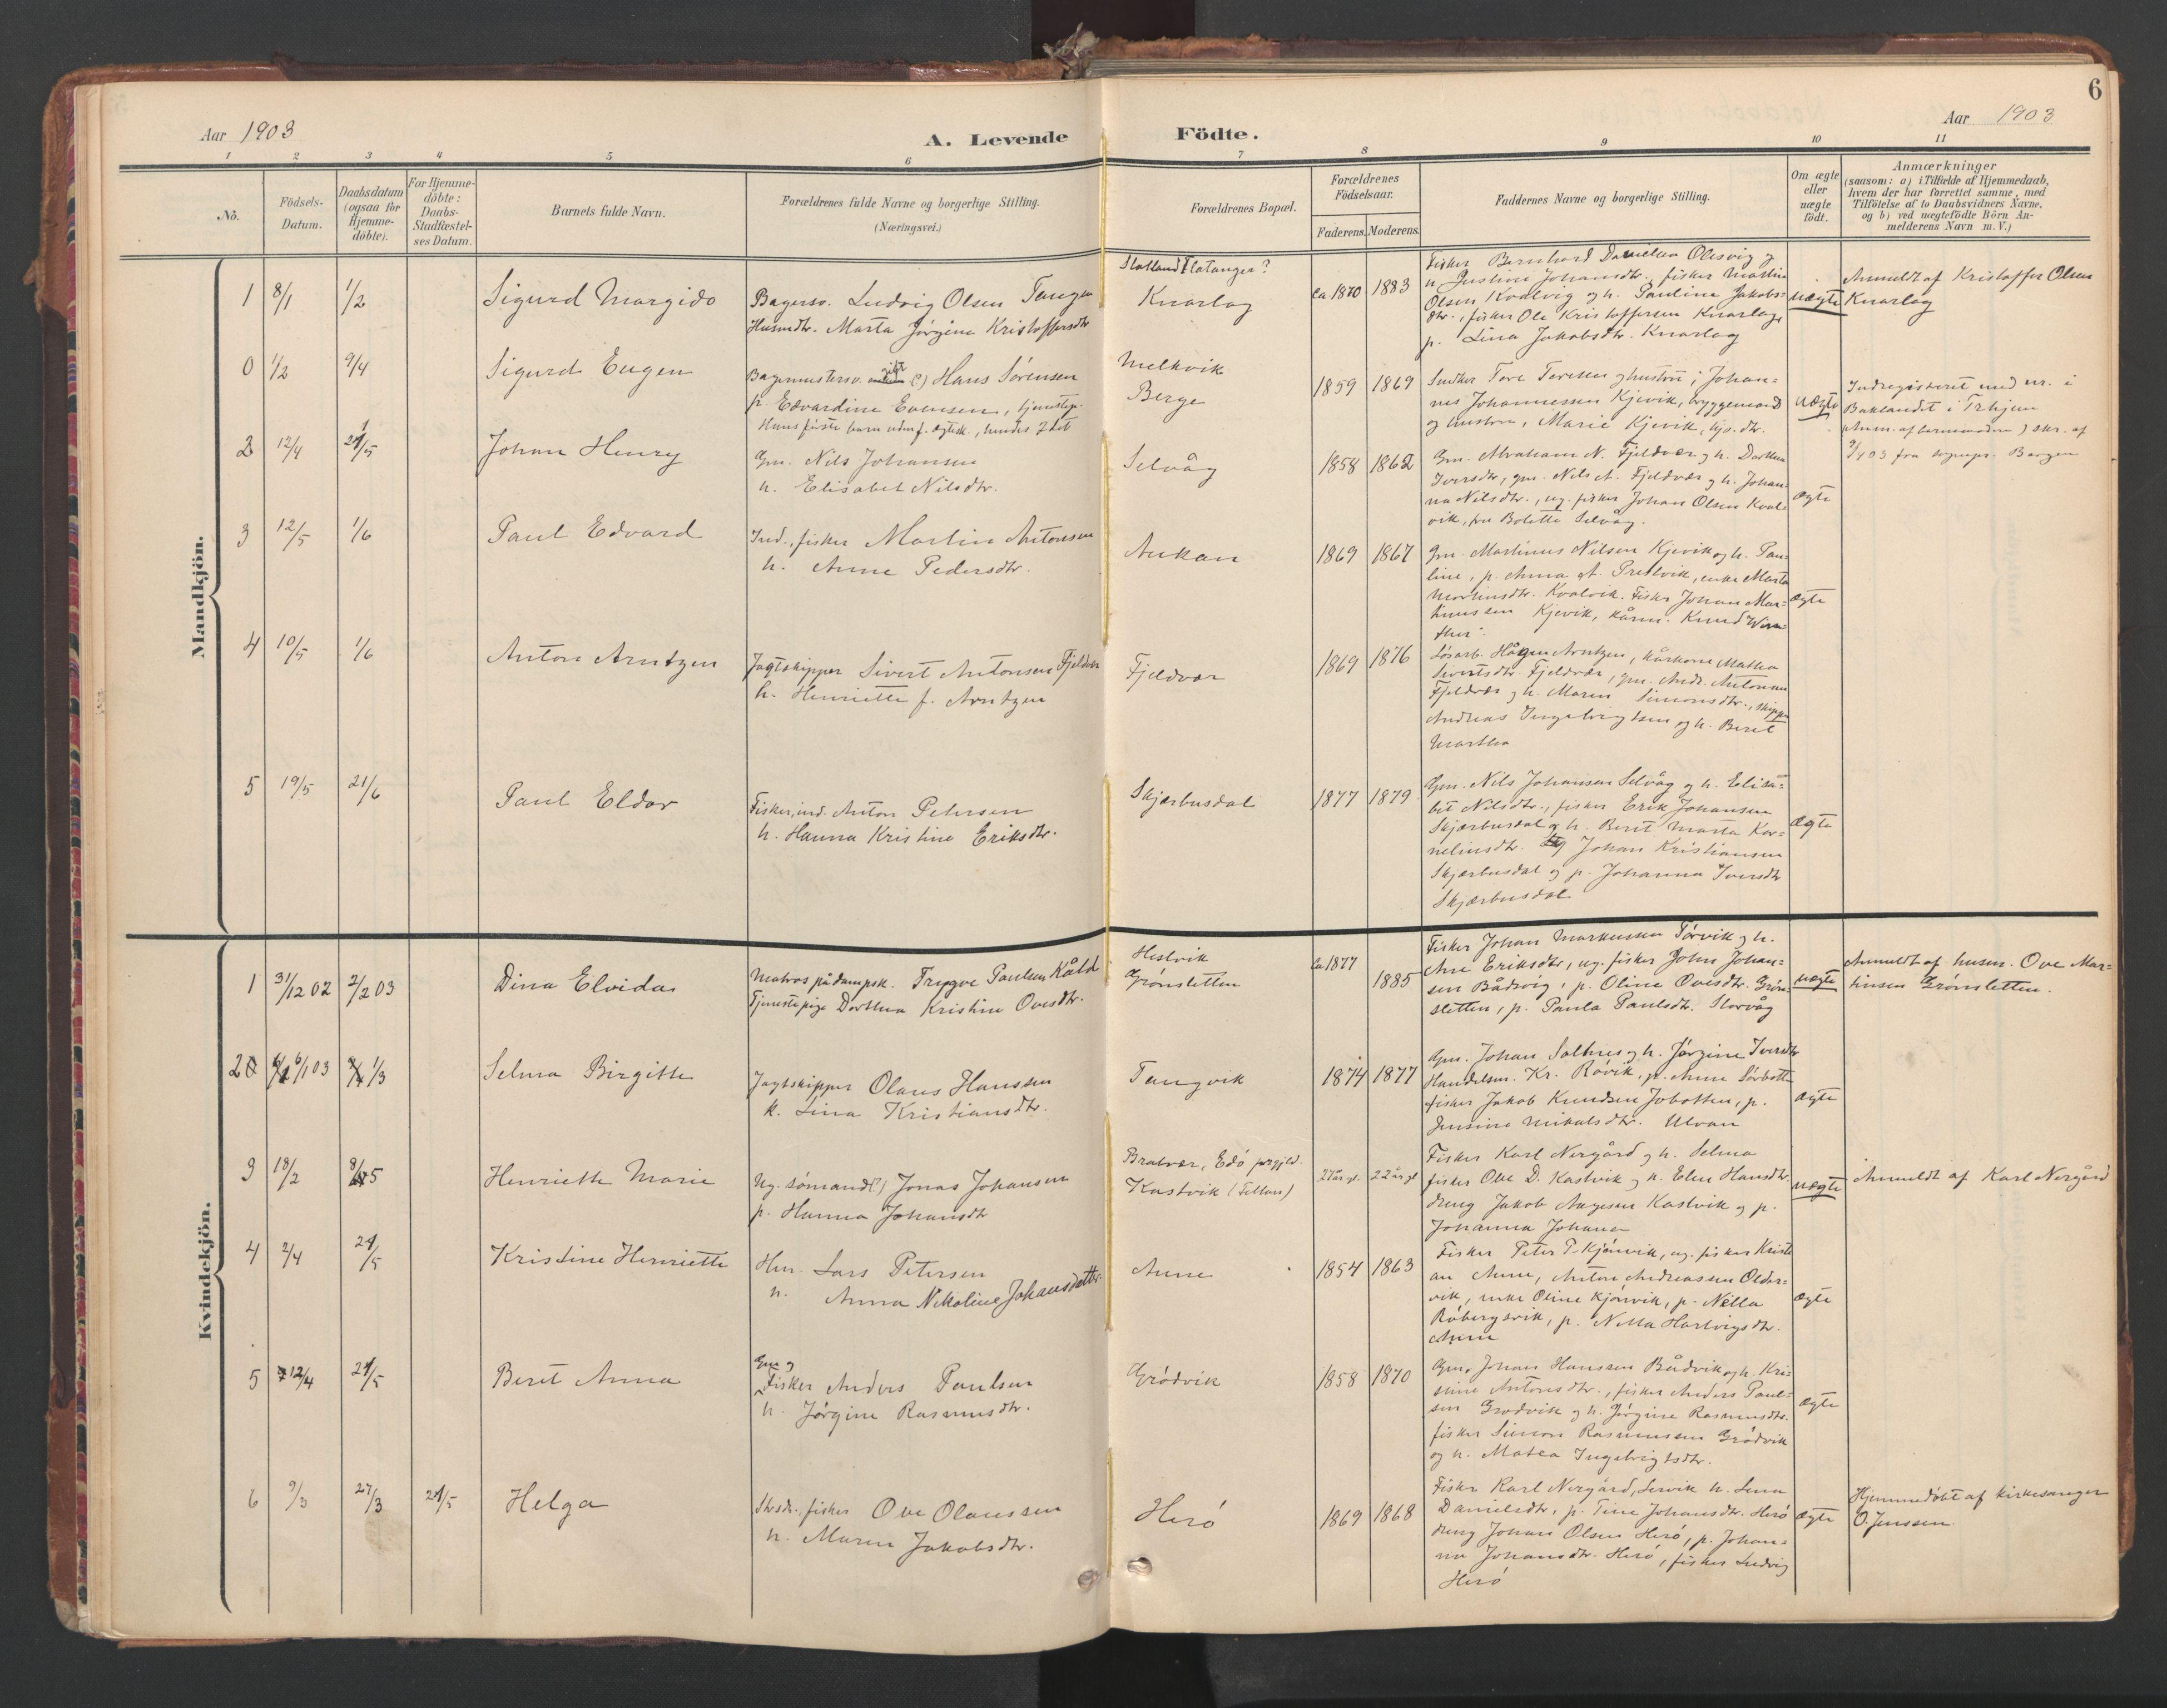 SAT, Ministerialprotokoller, klokkerbøker og fødselsregistre - Sør-Trøndelag, 638/L0568: Ministerialbok nr. 638A01, 1901-1916, s. 6